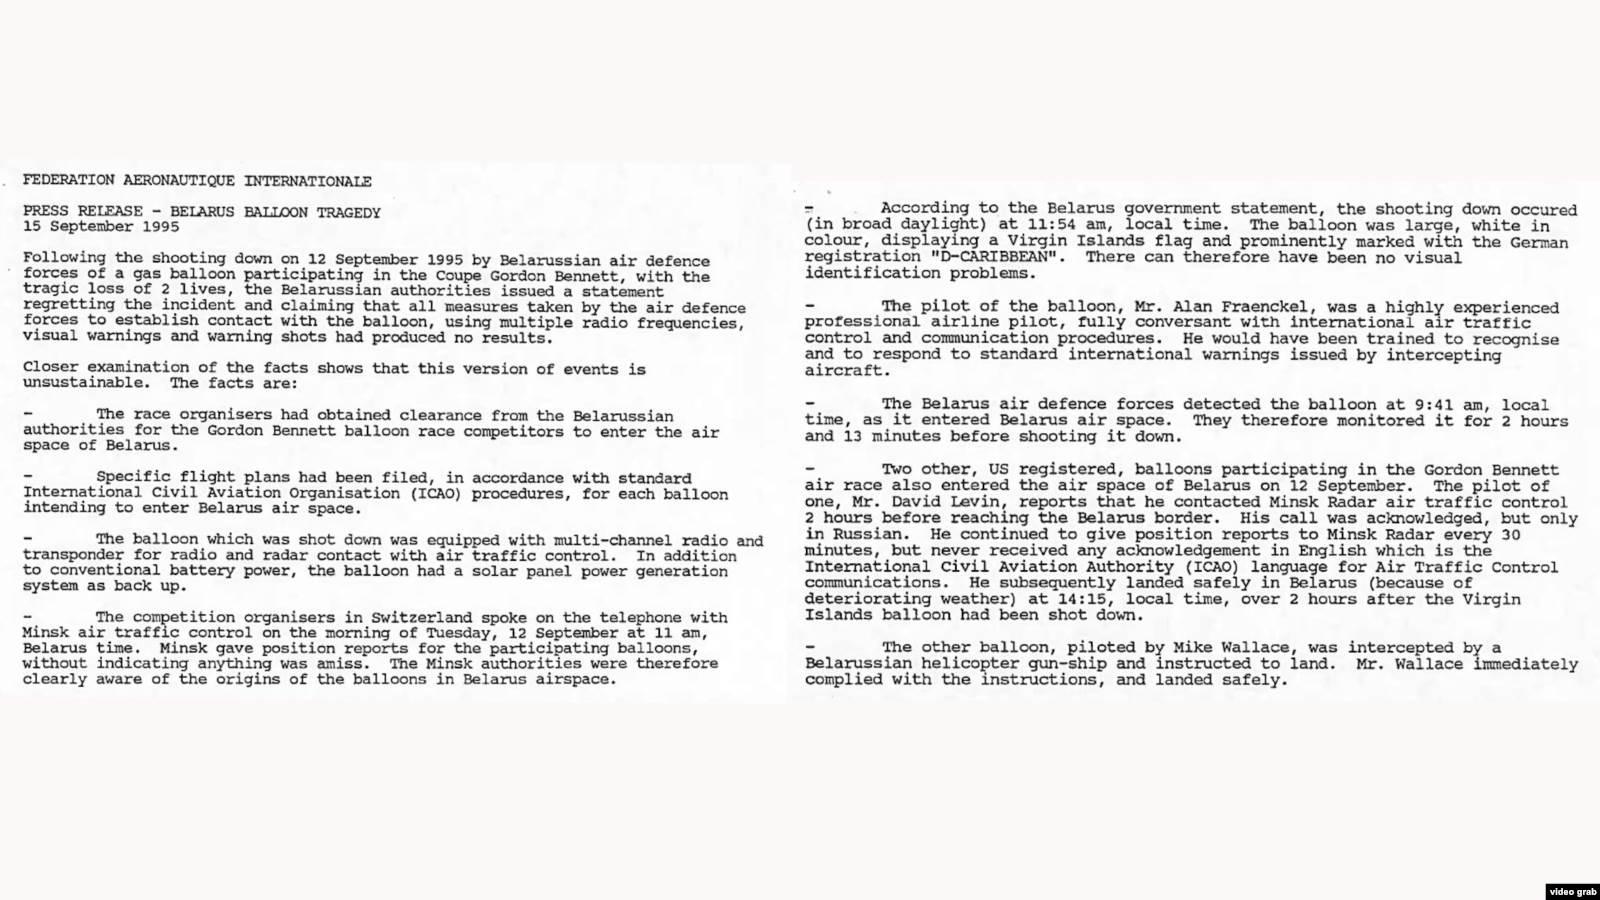 Пресс-релиз Международной авиационной федерации от 15 сентября 1995 года